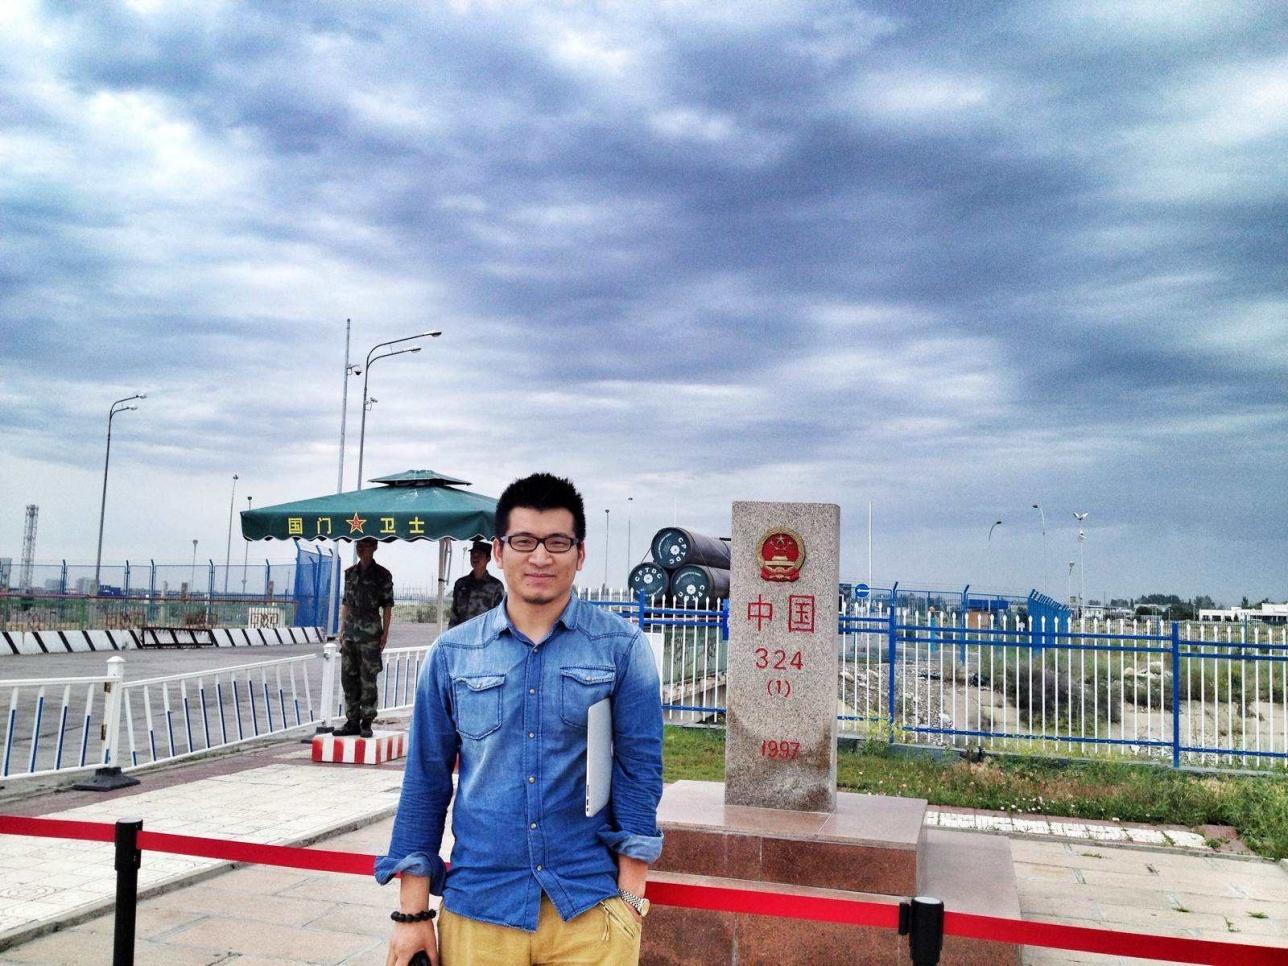 Қазақстан мен қытайдың қорғас өткеліндегі 324 нөмірлі шекара қазағы